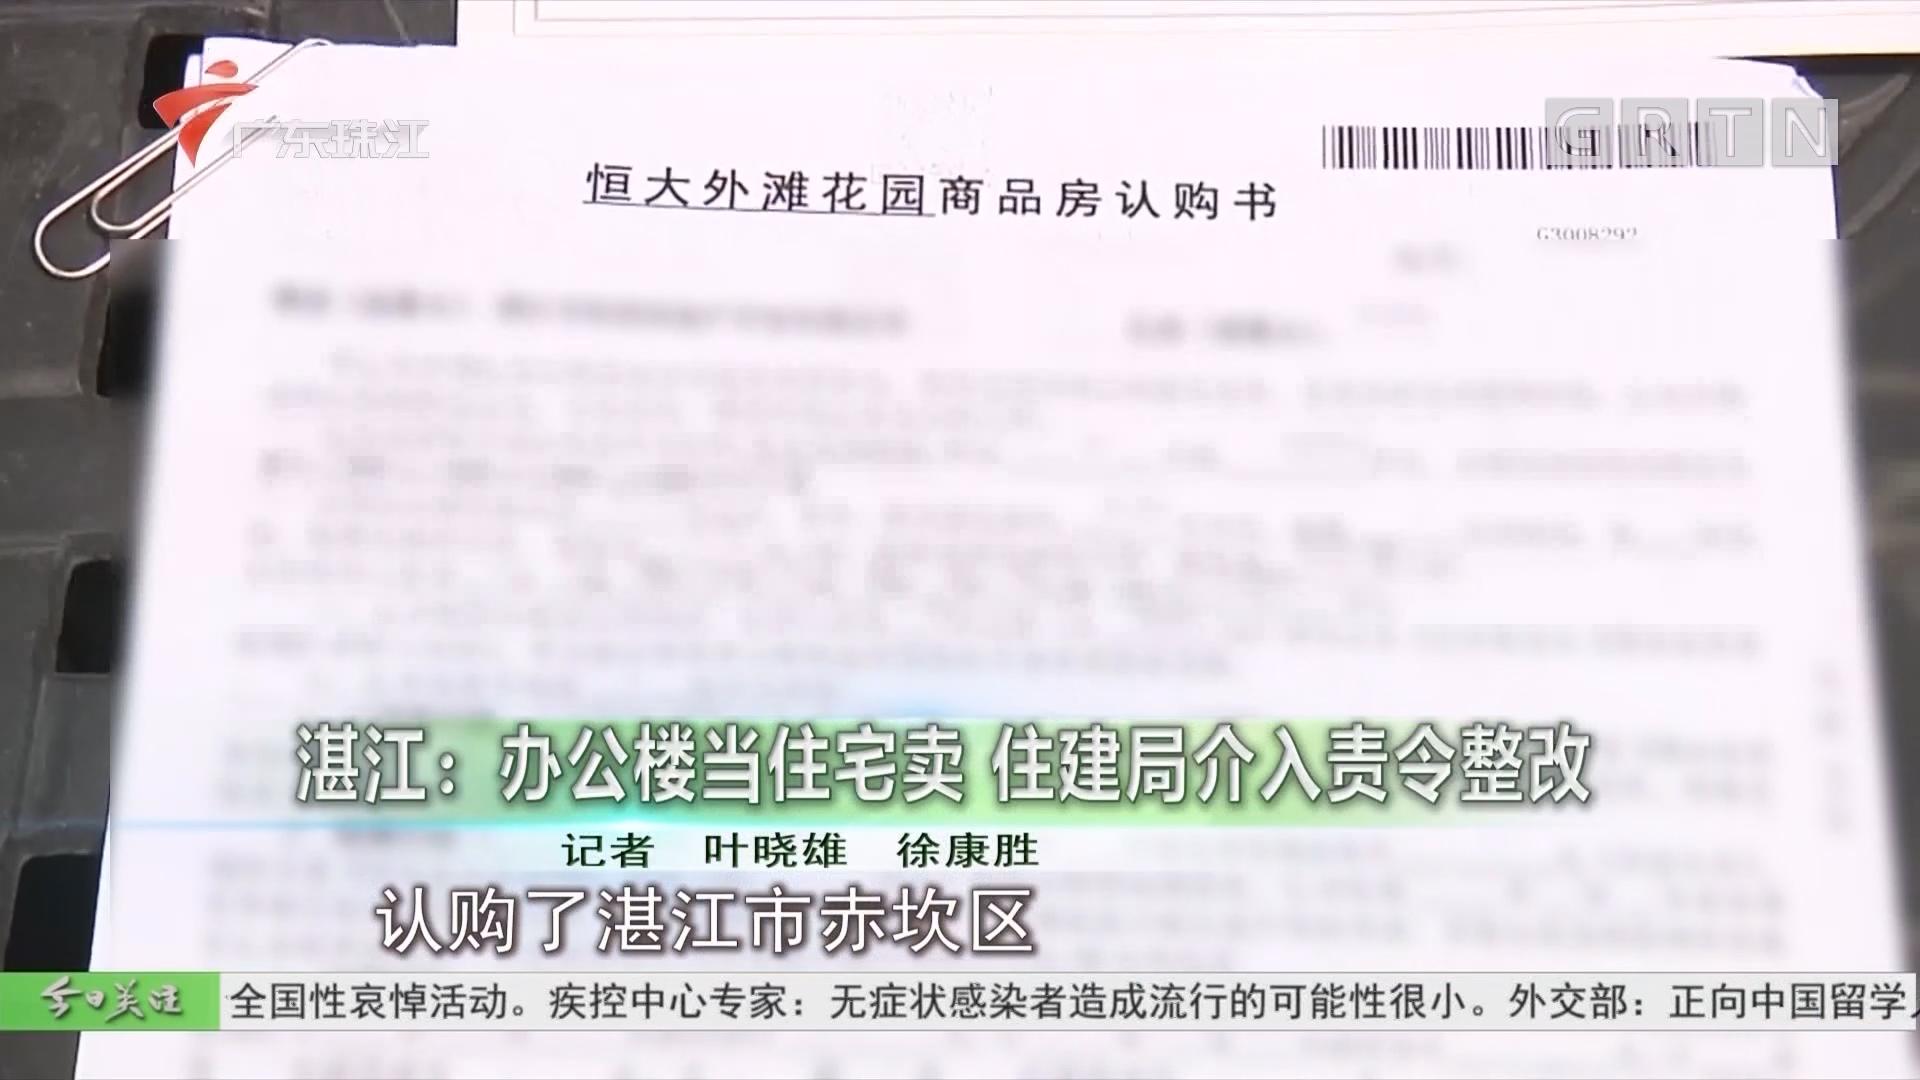 湛江:办公楼当住宅卖 住建局介入责令整改